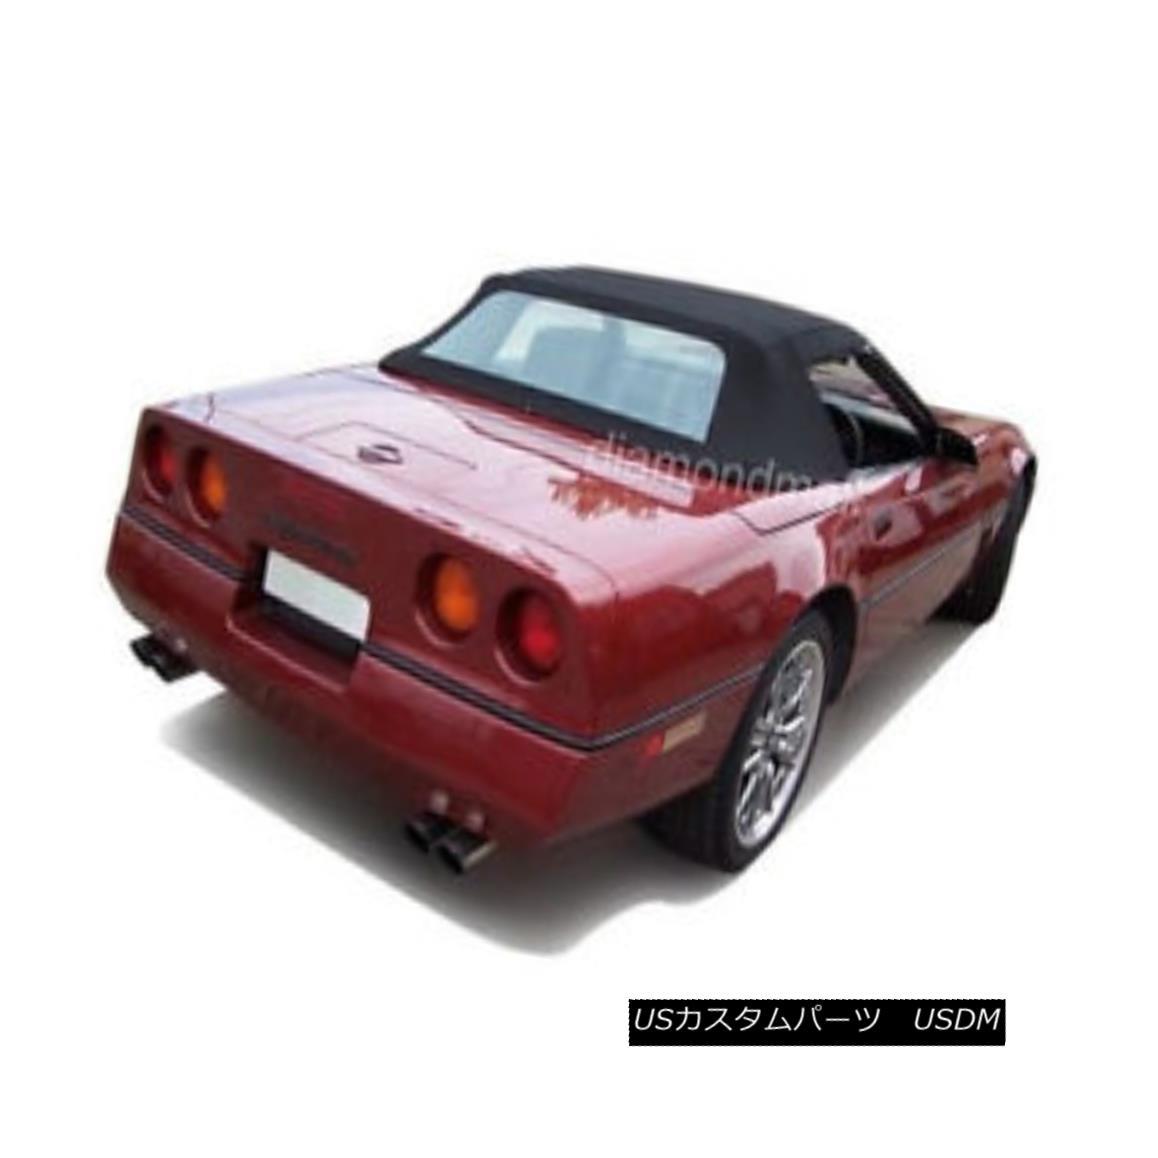 幌・ソフトトップ Chevy Corvette 1986-1993 Convertible Soft Top With Plastic Window Black Stayfast シェビー・コルベット1986-1993コンバーチブル・ソフト・トップ・プラスティック・ウィンドウブラック・ステイファースト